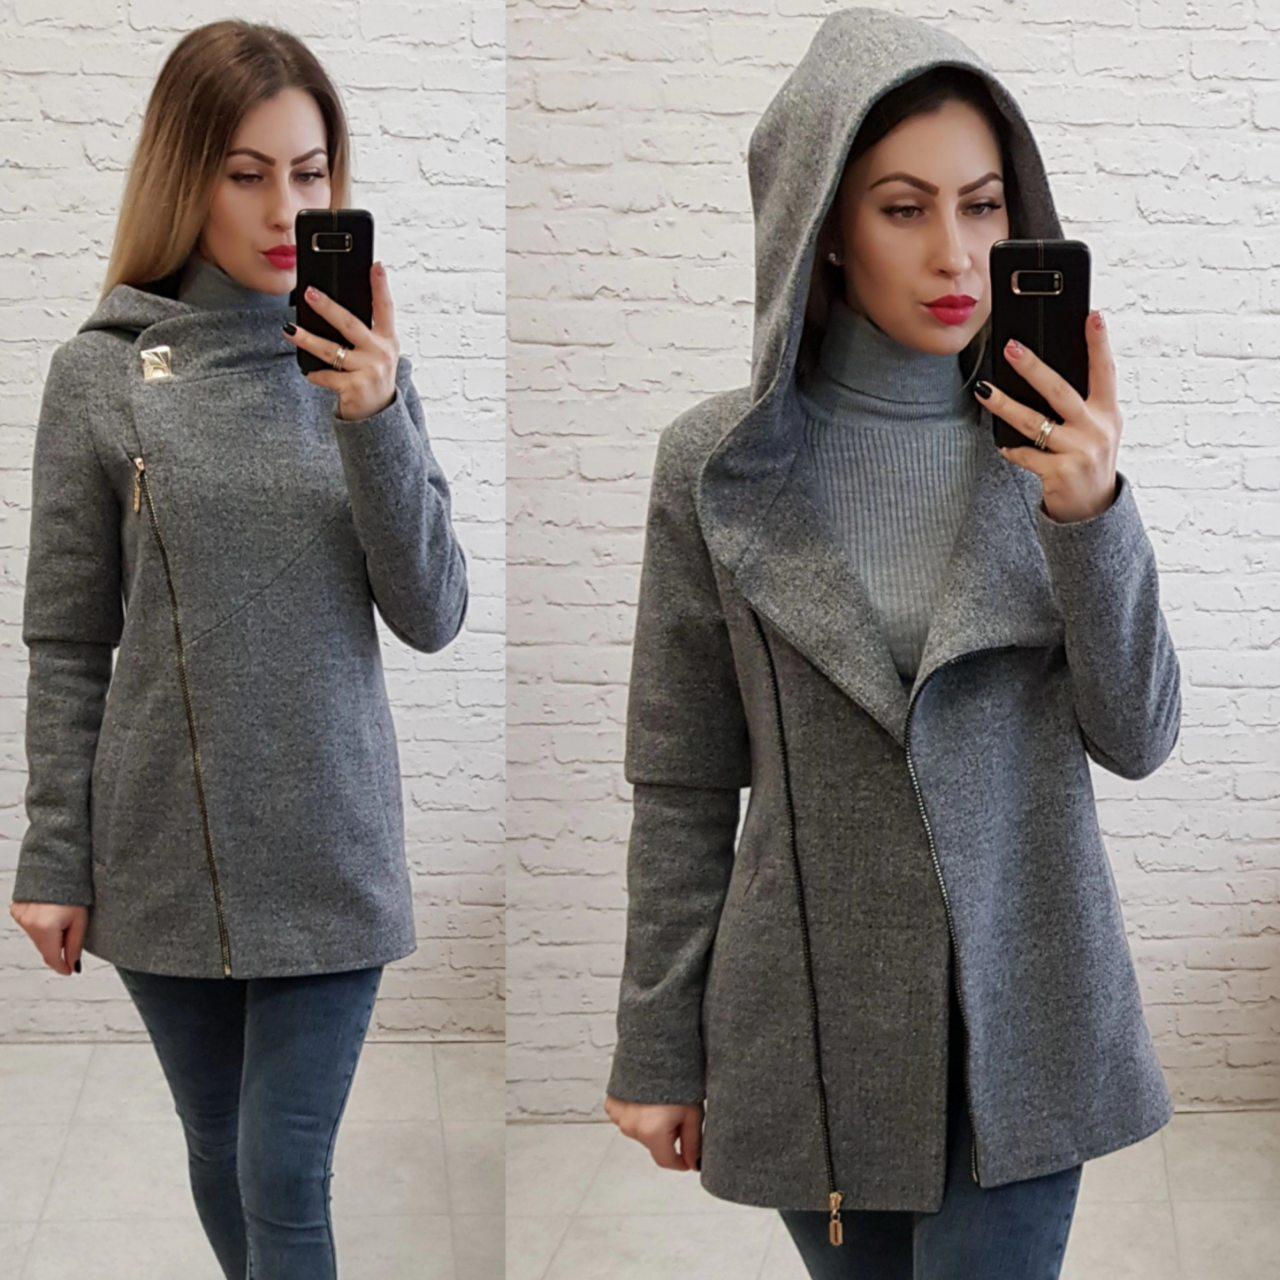 Пальто с капюшоном короткое арт. 156 с капюшоном серое / серый